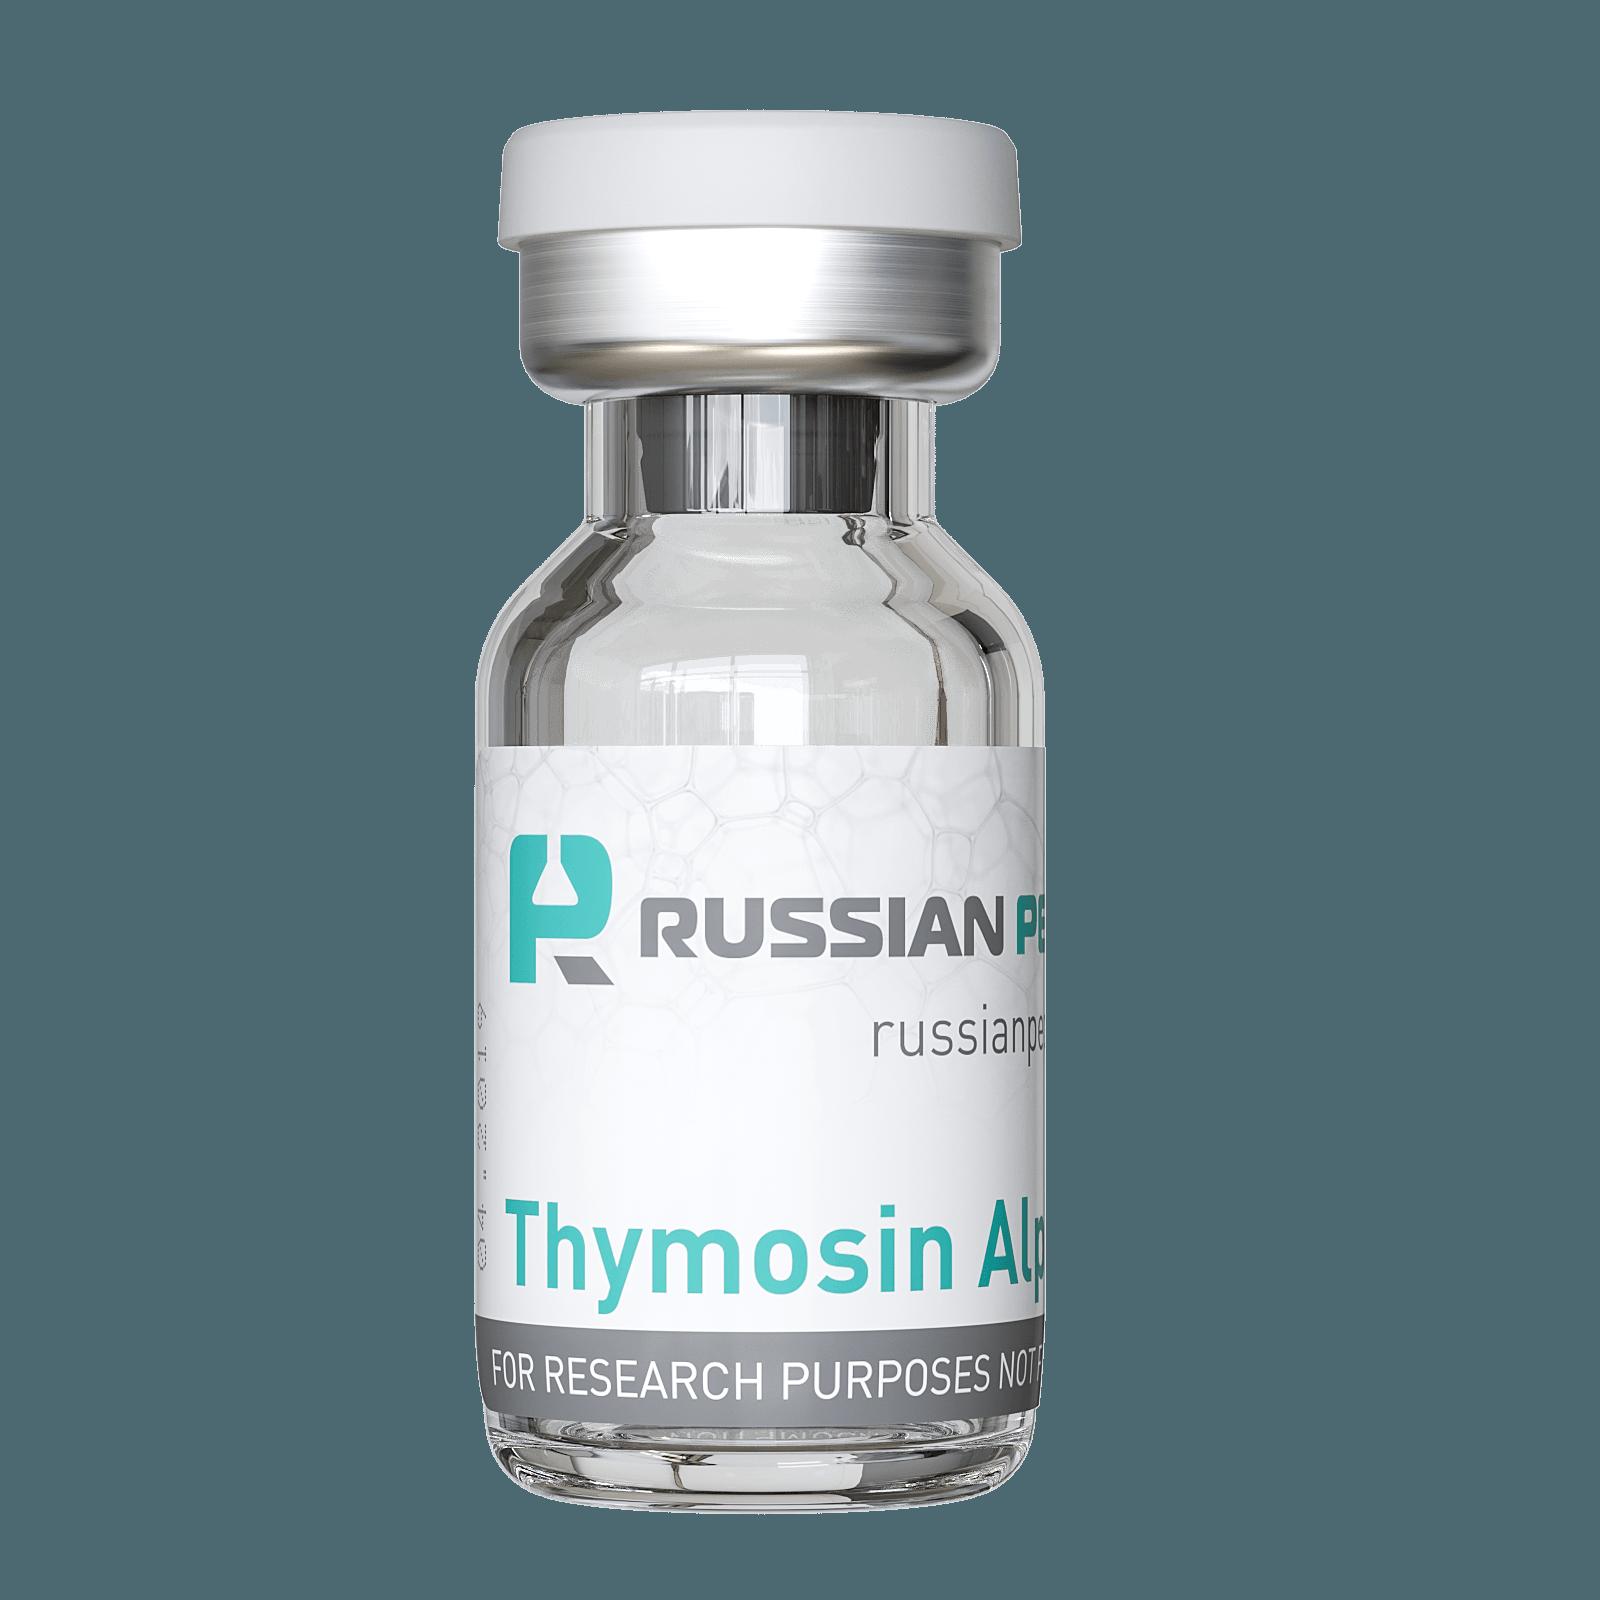 Thymosin a